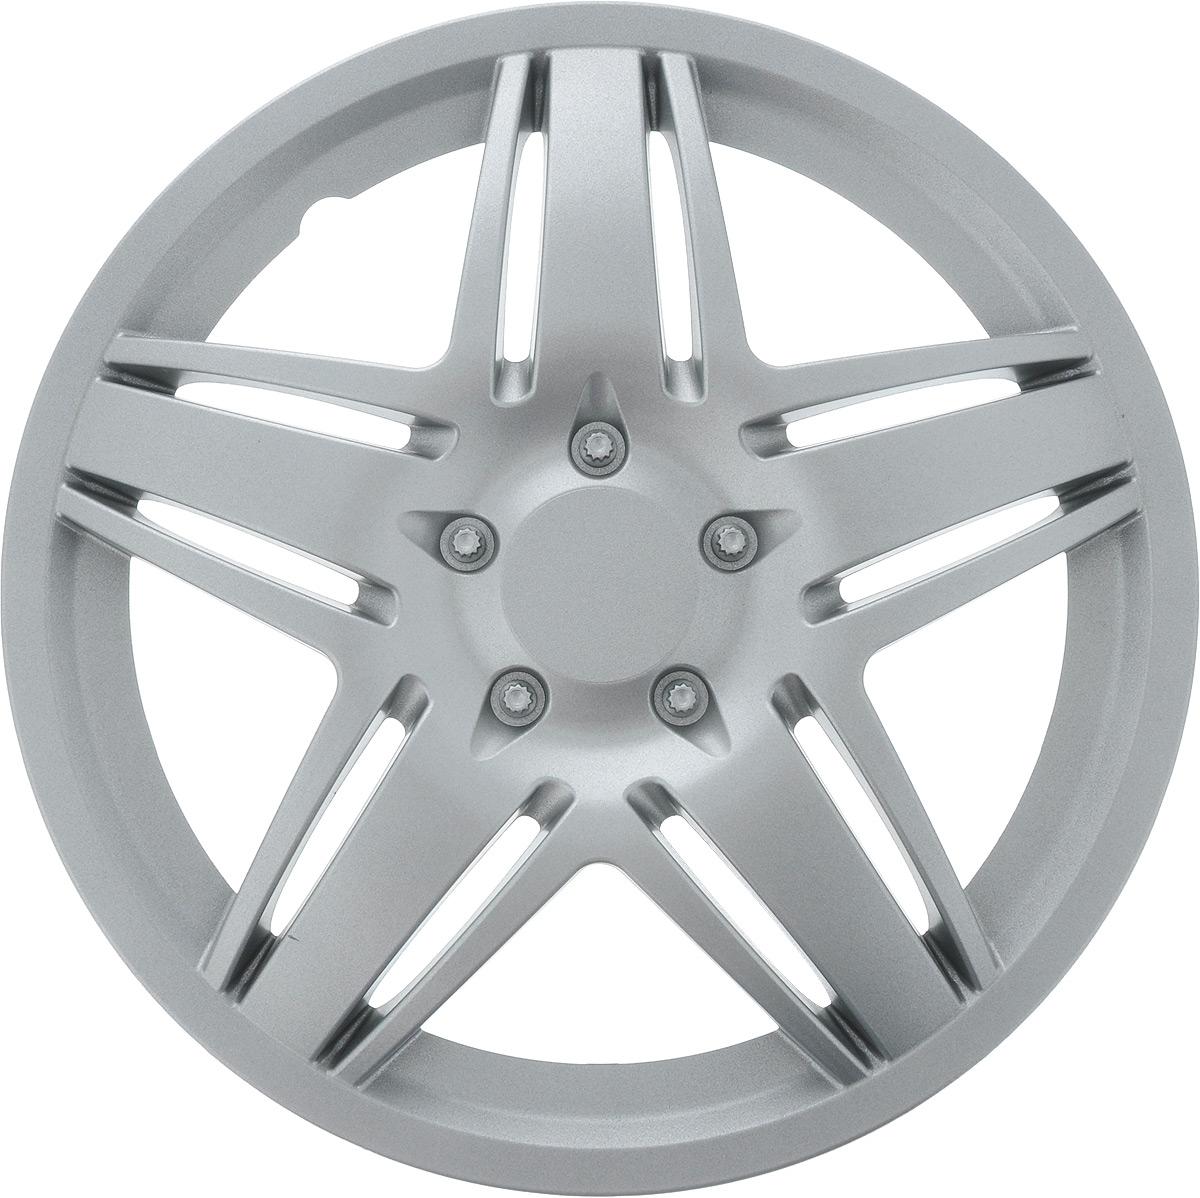 Колпак защитный Phantom Стар, R15 , декоративный, 1 шт. PH5766PH5766Колпак Phantom Стар предназначен для защиты колесного диска и тормозной системы от загрязнений, а также для декоративного украшения автомобиля. Колпак изготовлен из высококачественного масло- бензостойкого пластика, а крепление в виде распорного кольца - из металла. Размер колеса: R15. Диаметр колпака: 41,5 см.